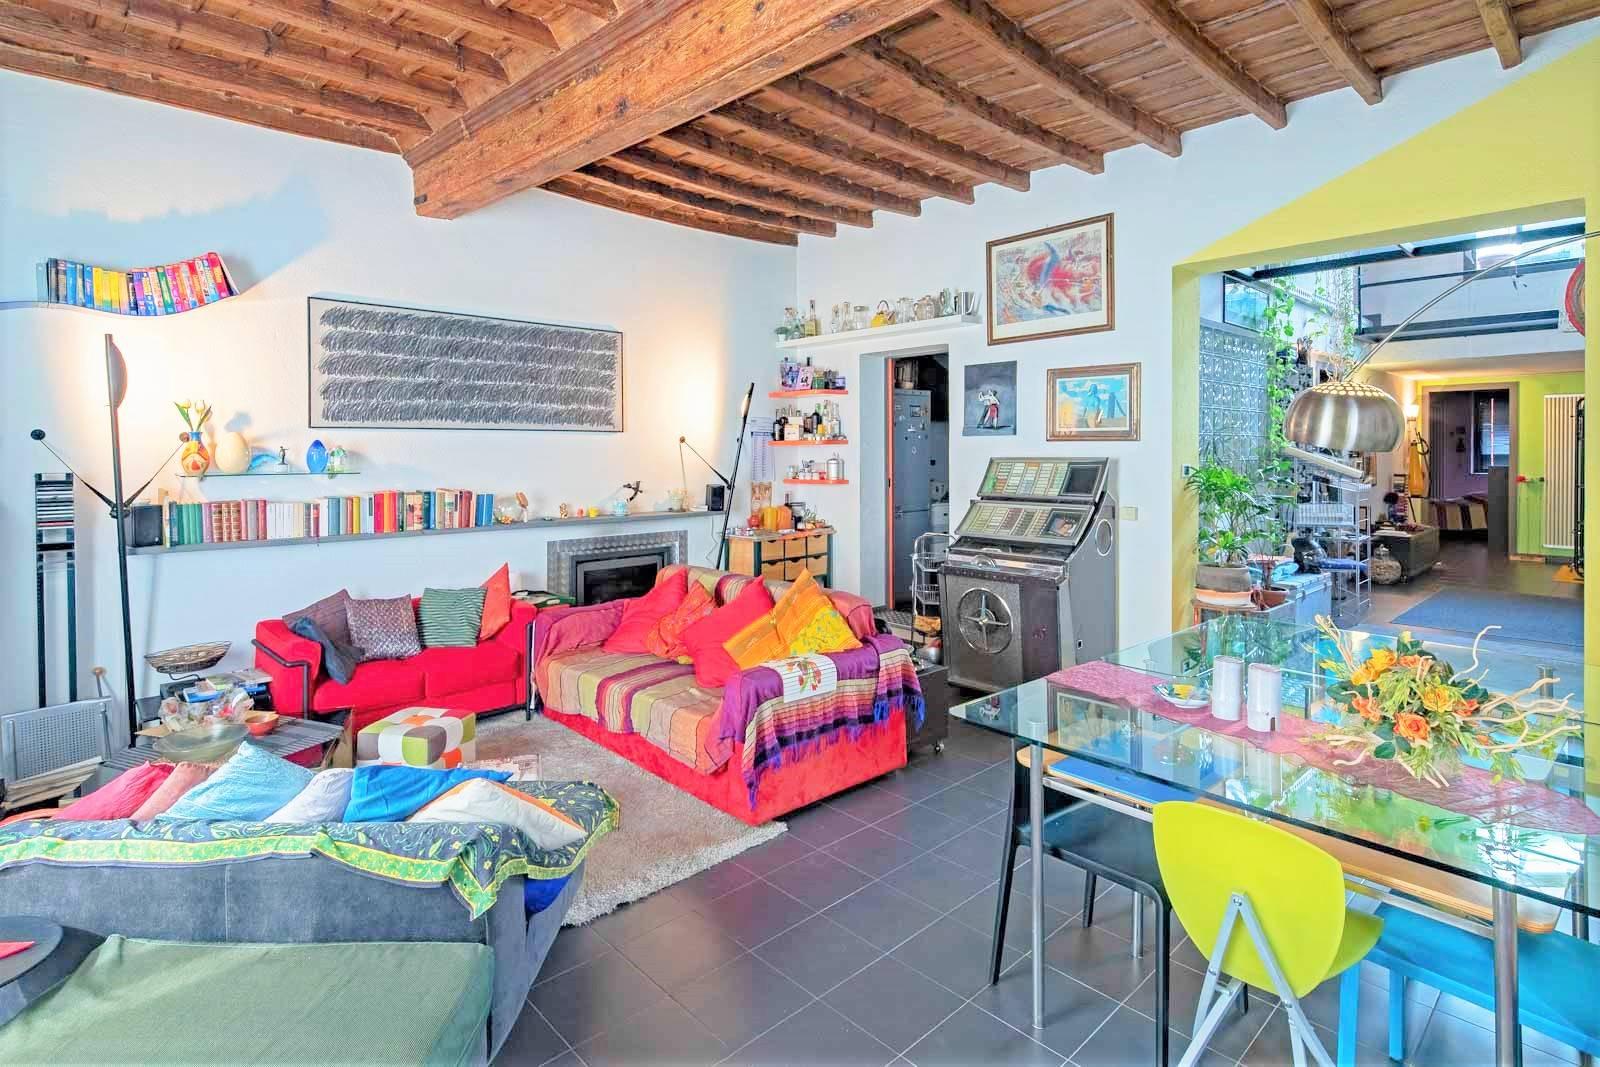 Appartamento in vendita a Cuneo, 6 locali, zona ro storico, prezzo € 450.000 | PortaleAgenzieImmobiliari.it